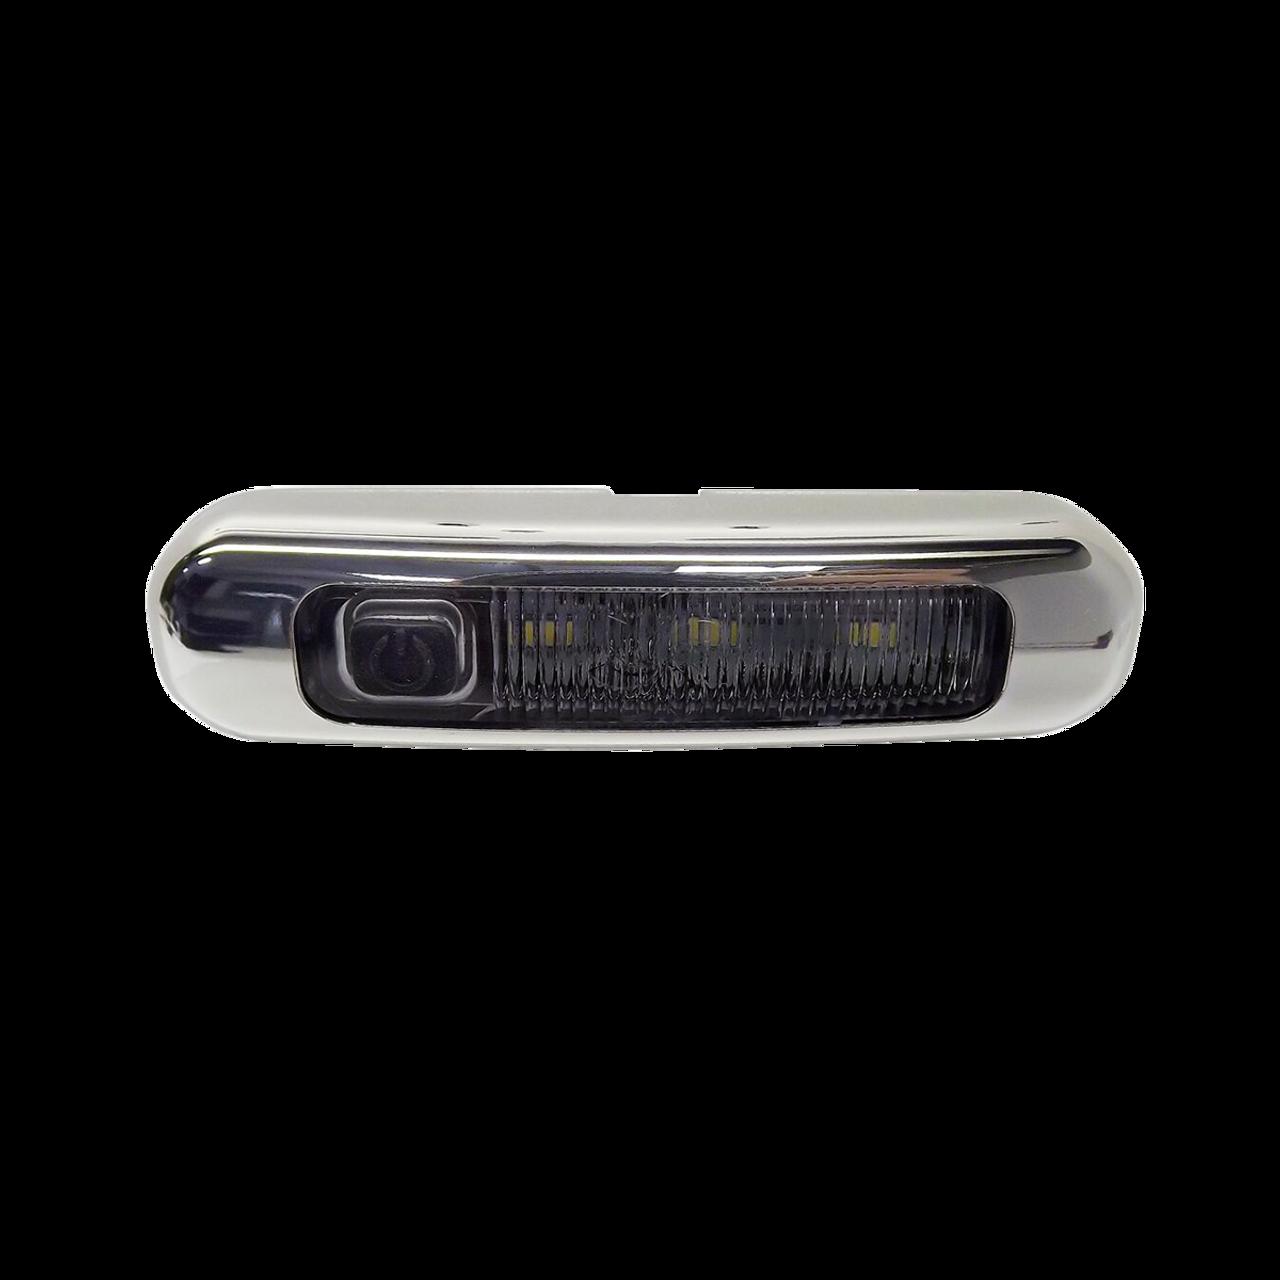 LEDE05C3 --- LED Interior Light w/Chrome Bezel